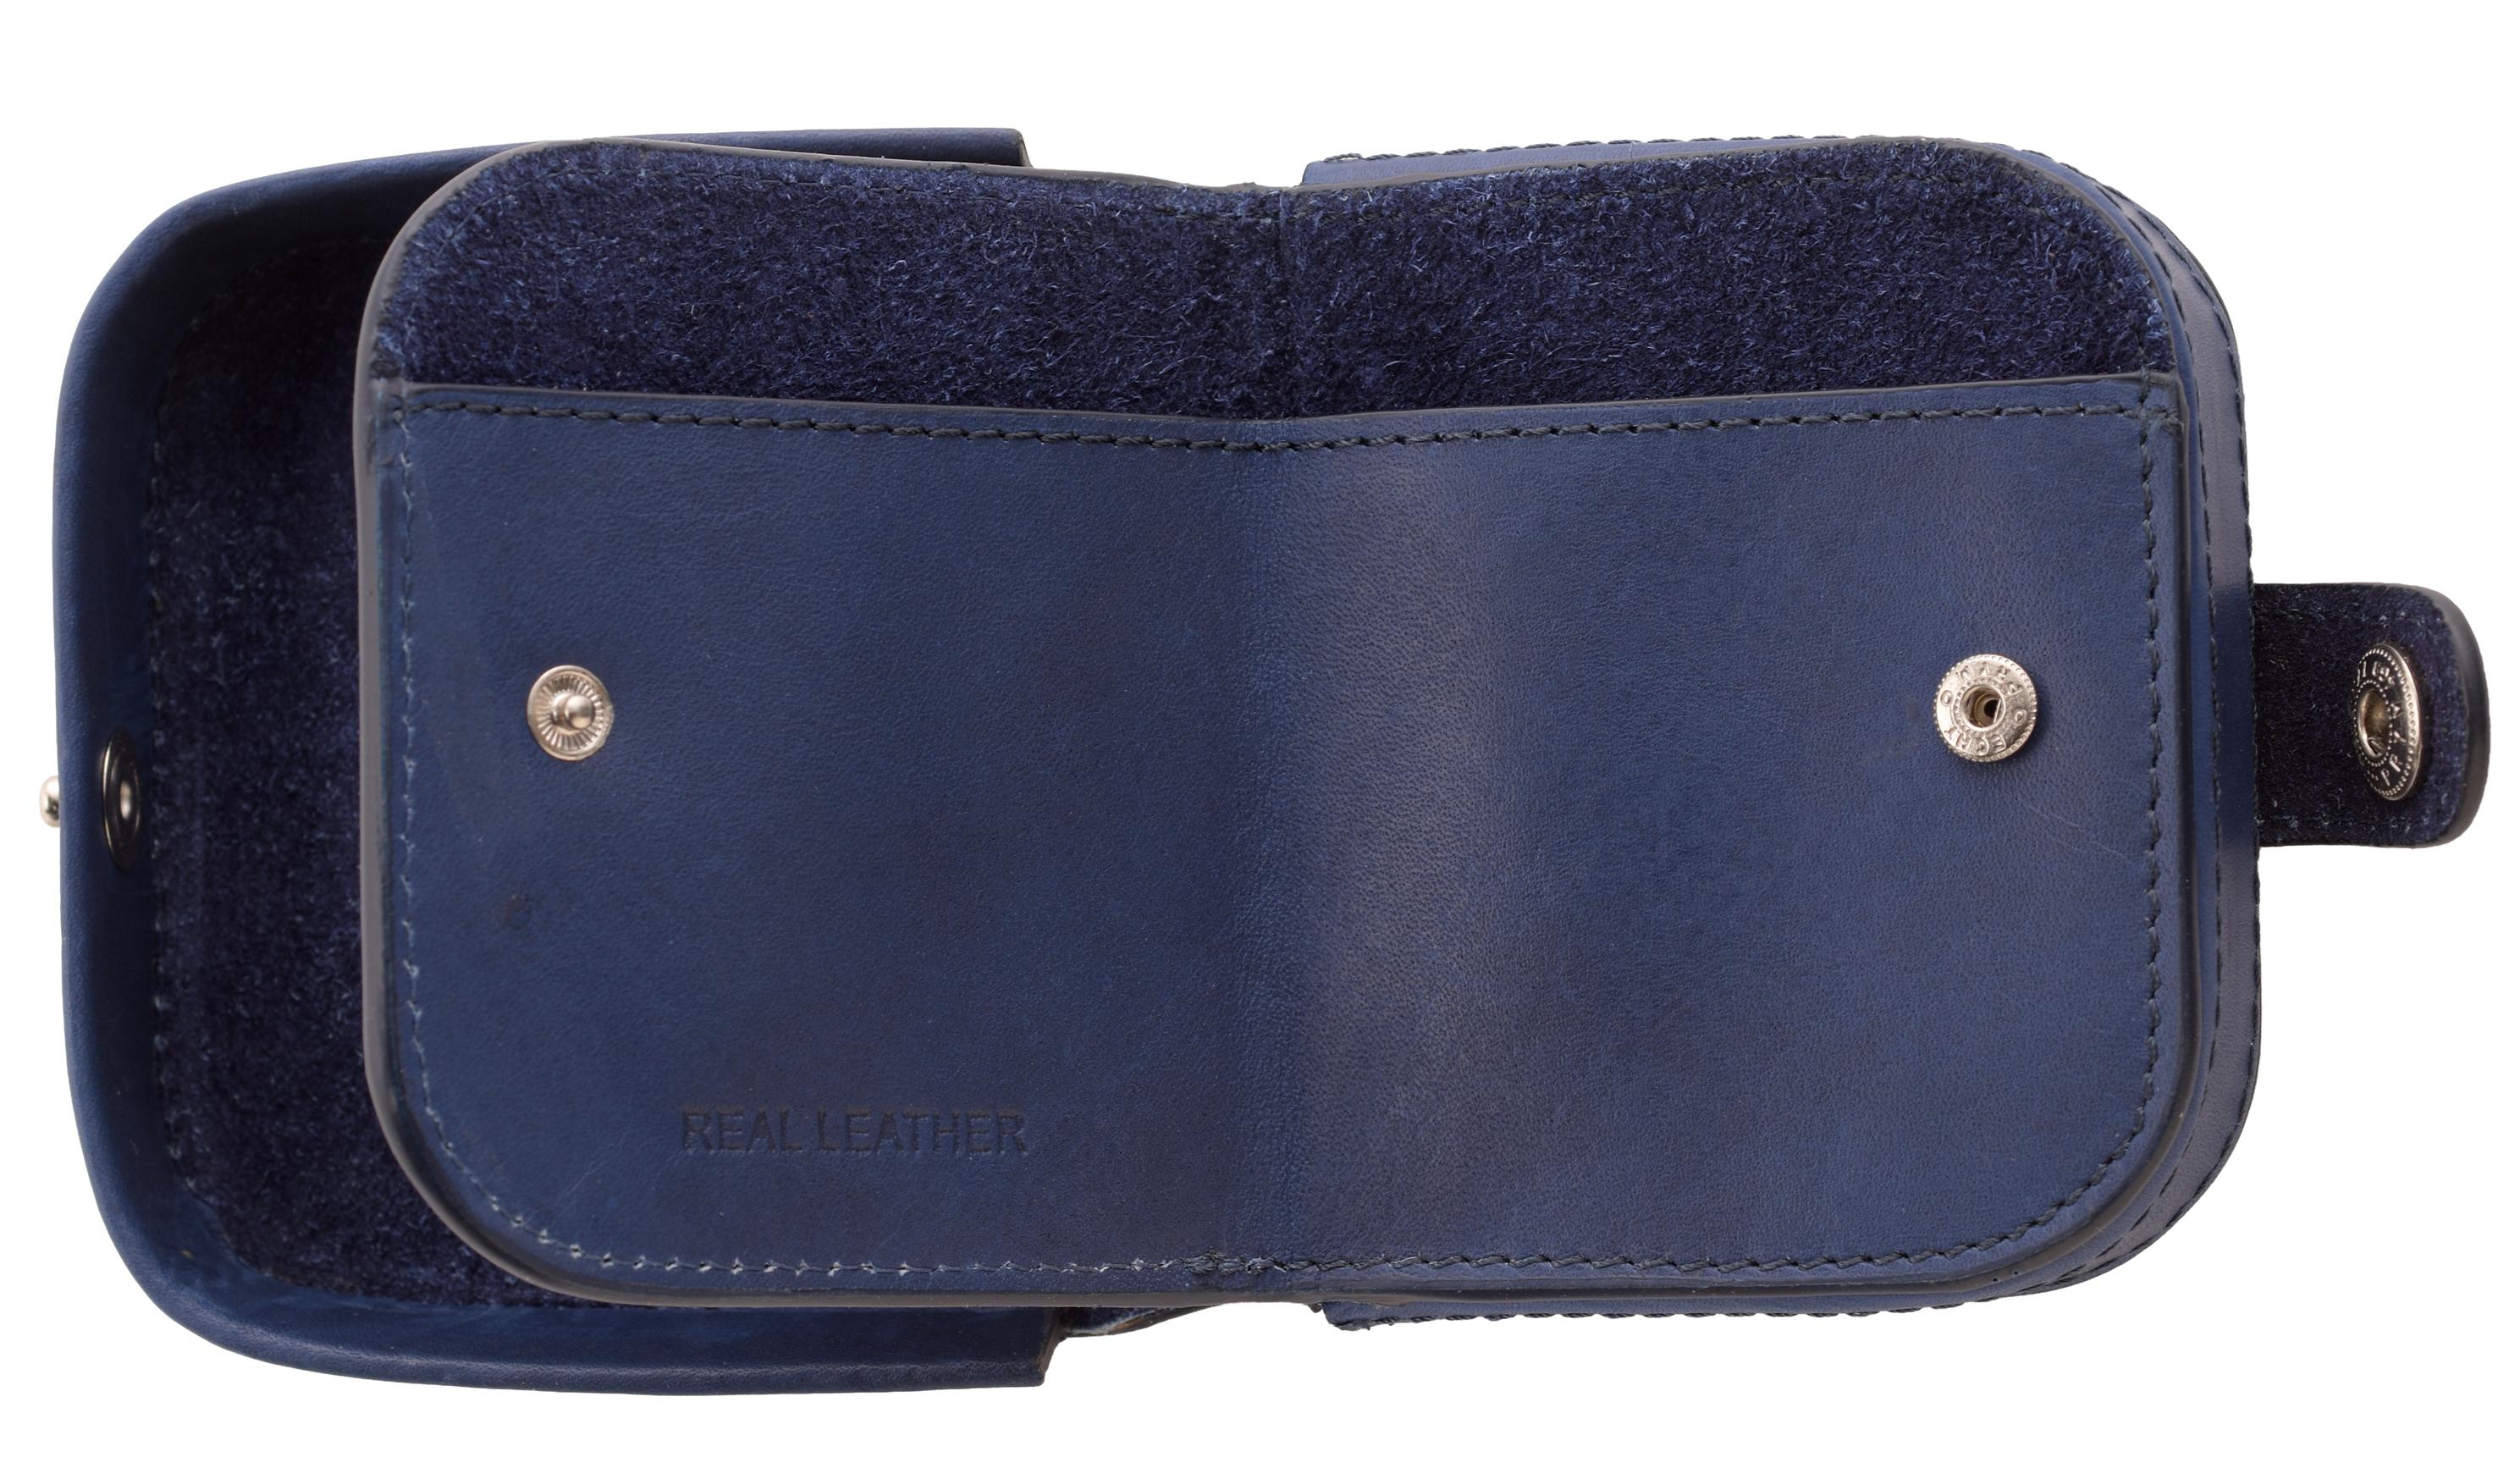 Hommes-Premium-Grade-Cuir-Plateau-Porte-Monnaie-avec-Note-Section-Noir-Bleu-Brun miniature 11